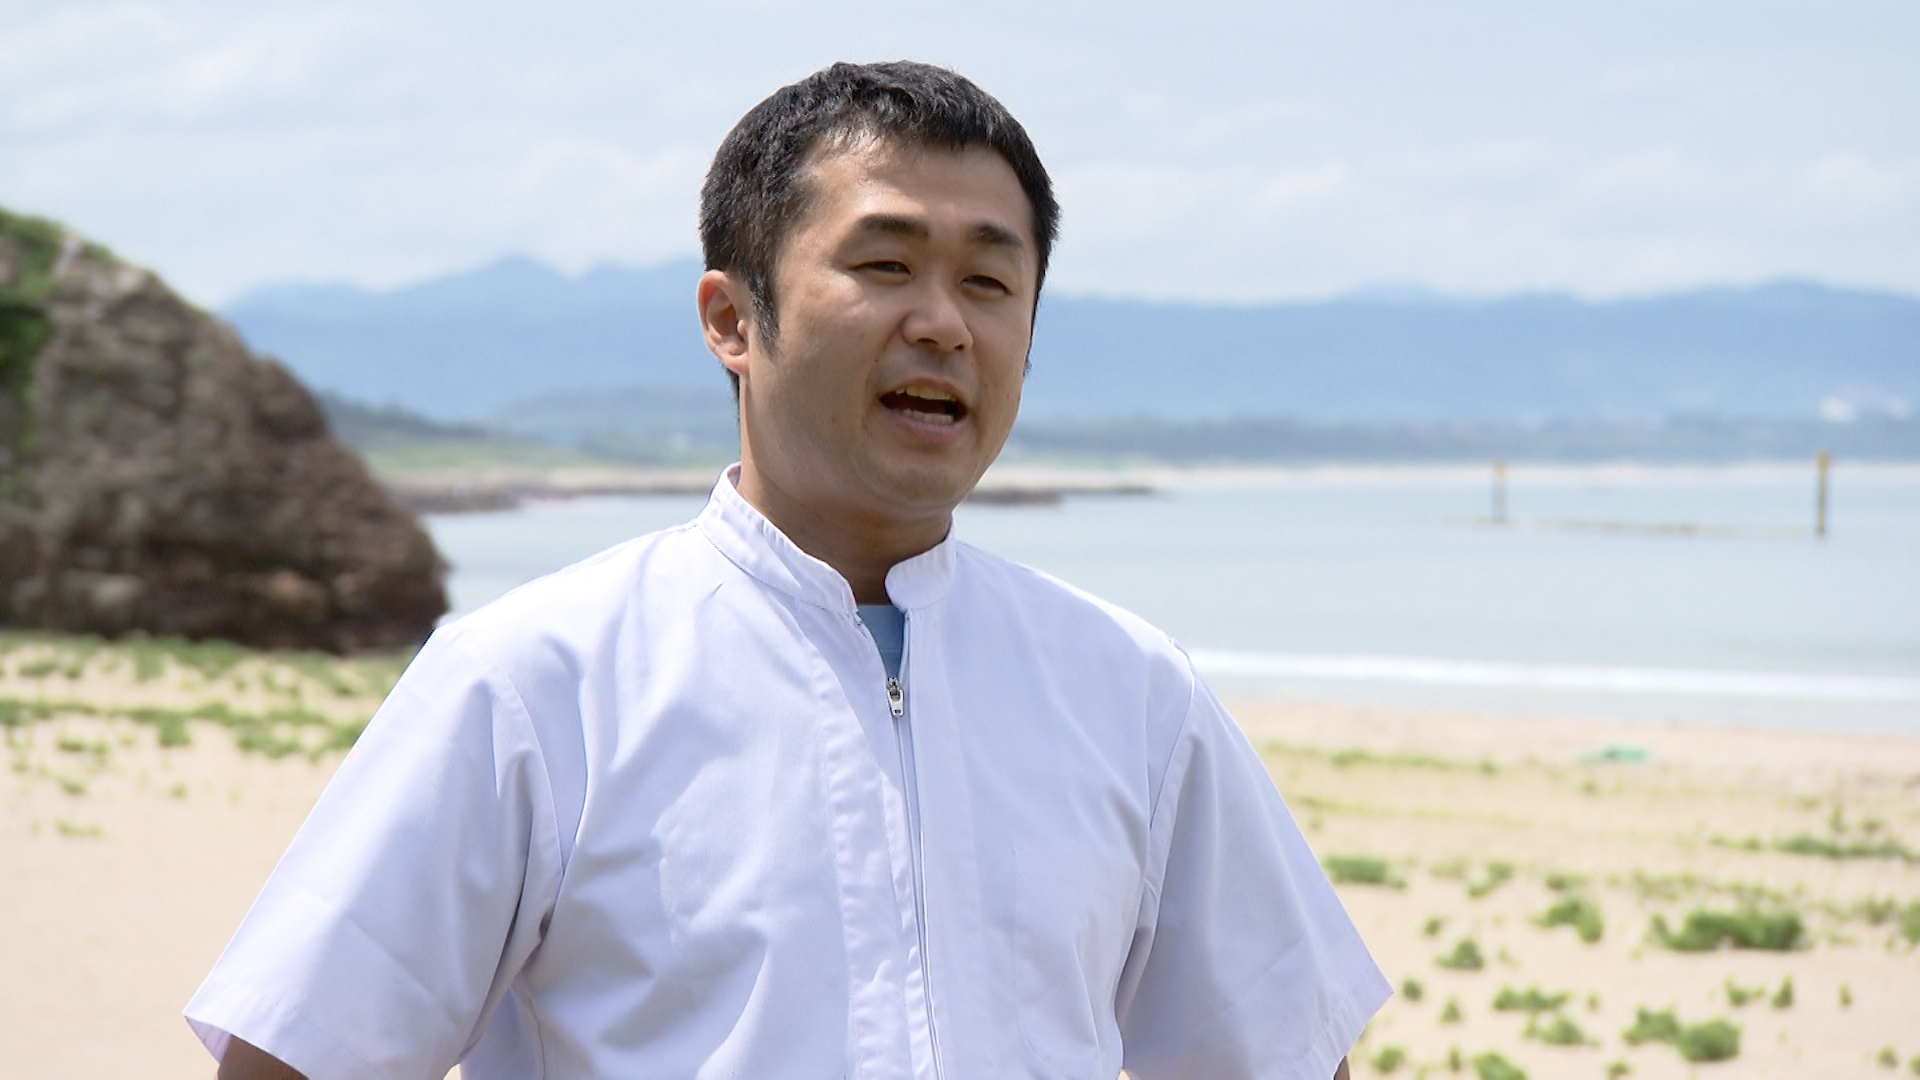 島根県-A3-海と日本プロジェクトinしまね-s02